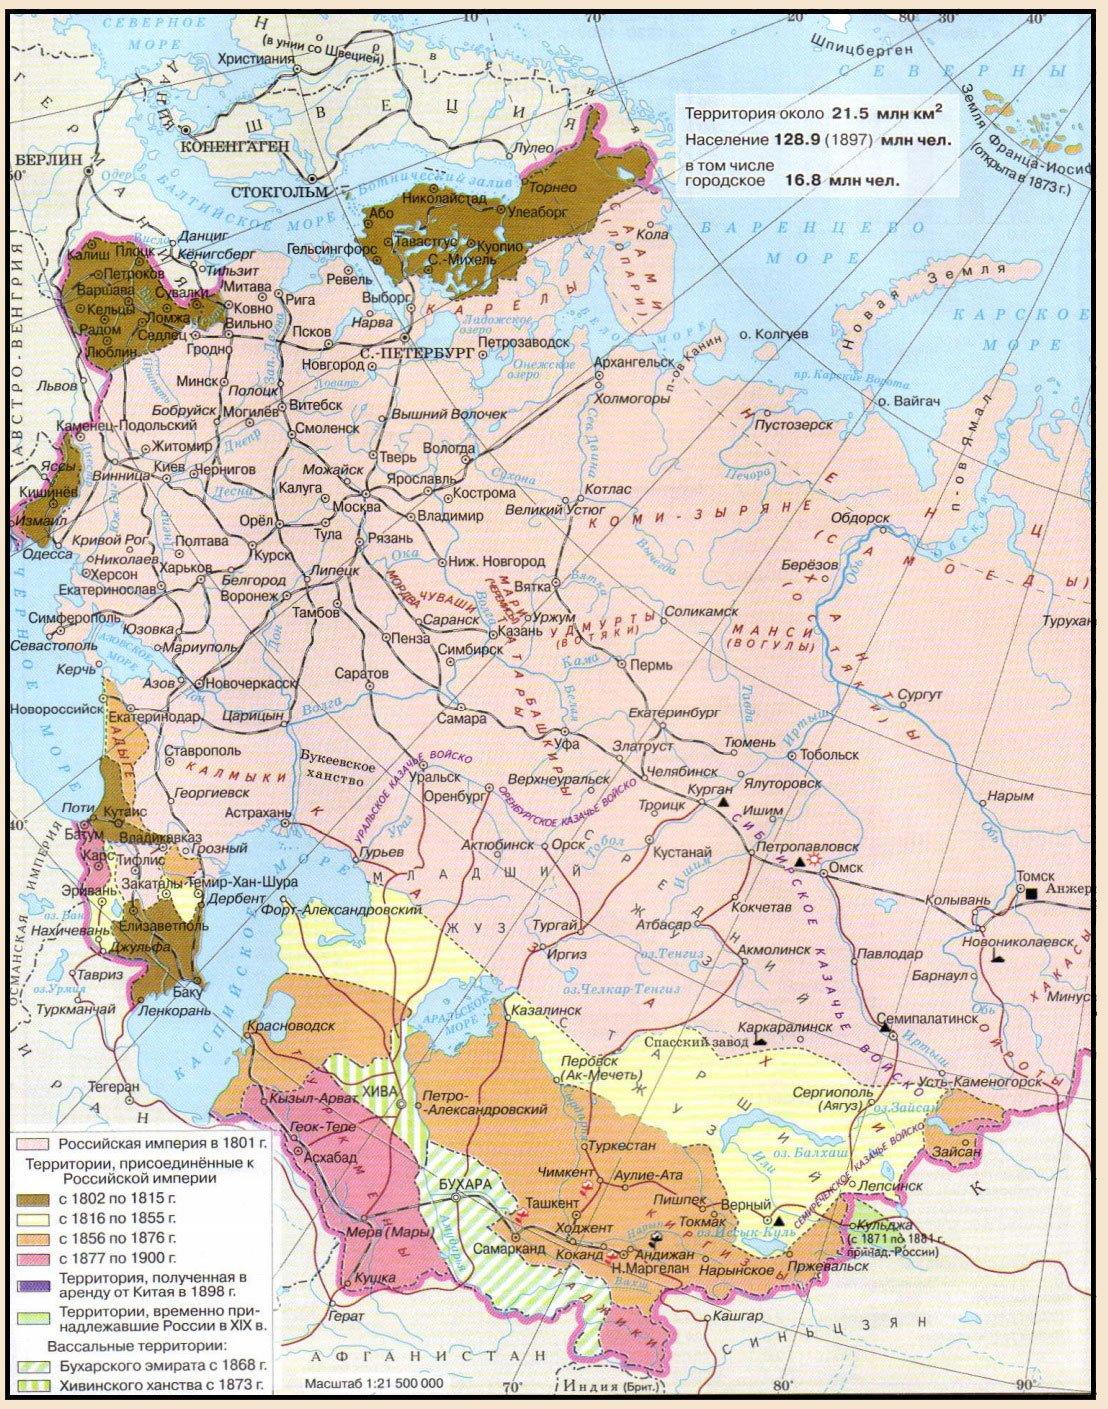 Правовой статус великого княжества финляндского в составе российской империи